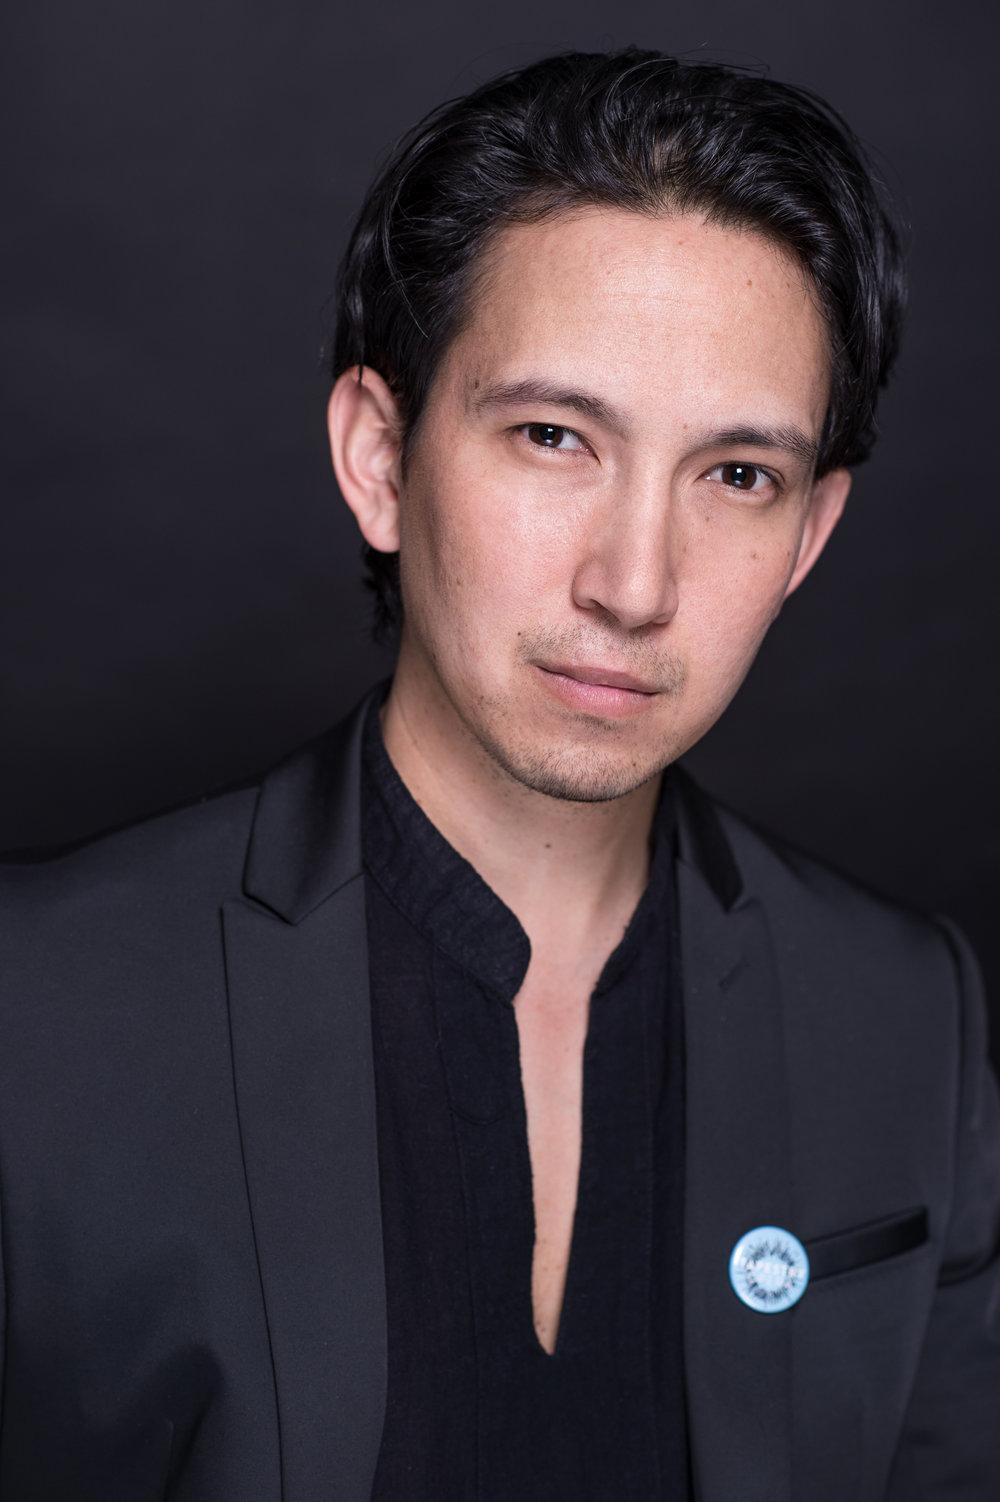 MICHAEL HIDETOSHI MORI